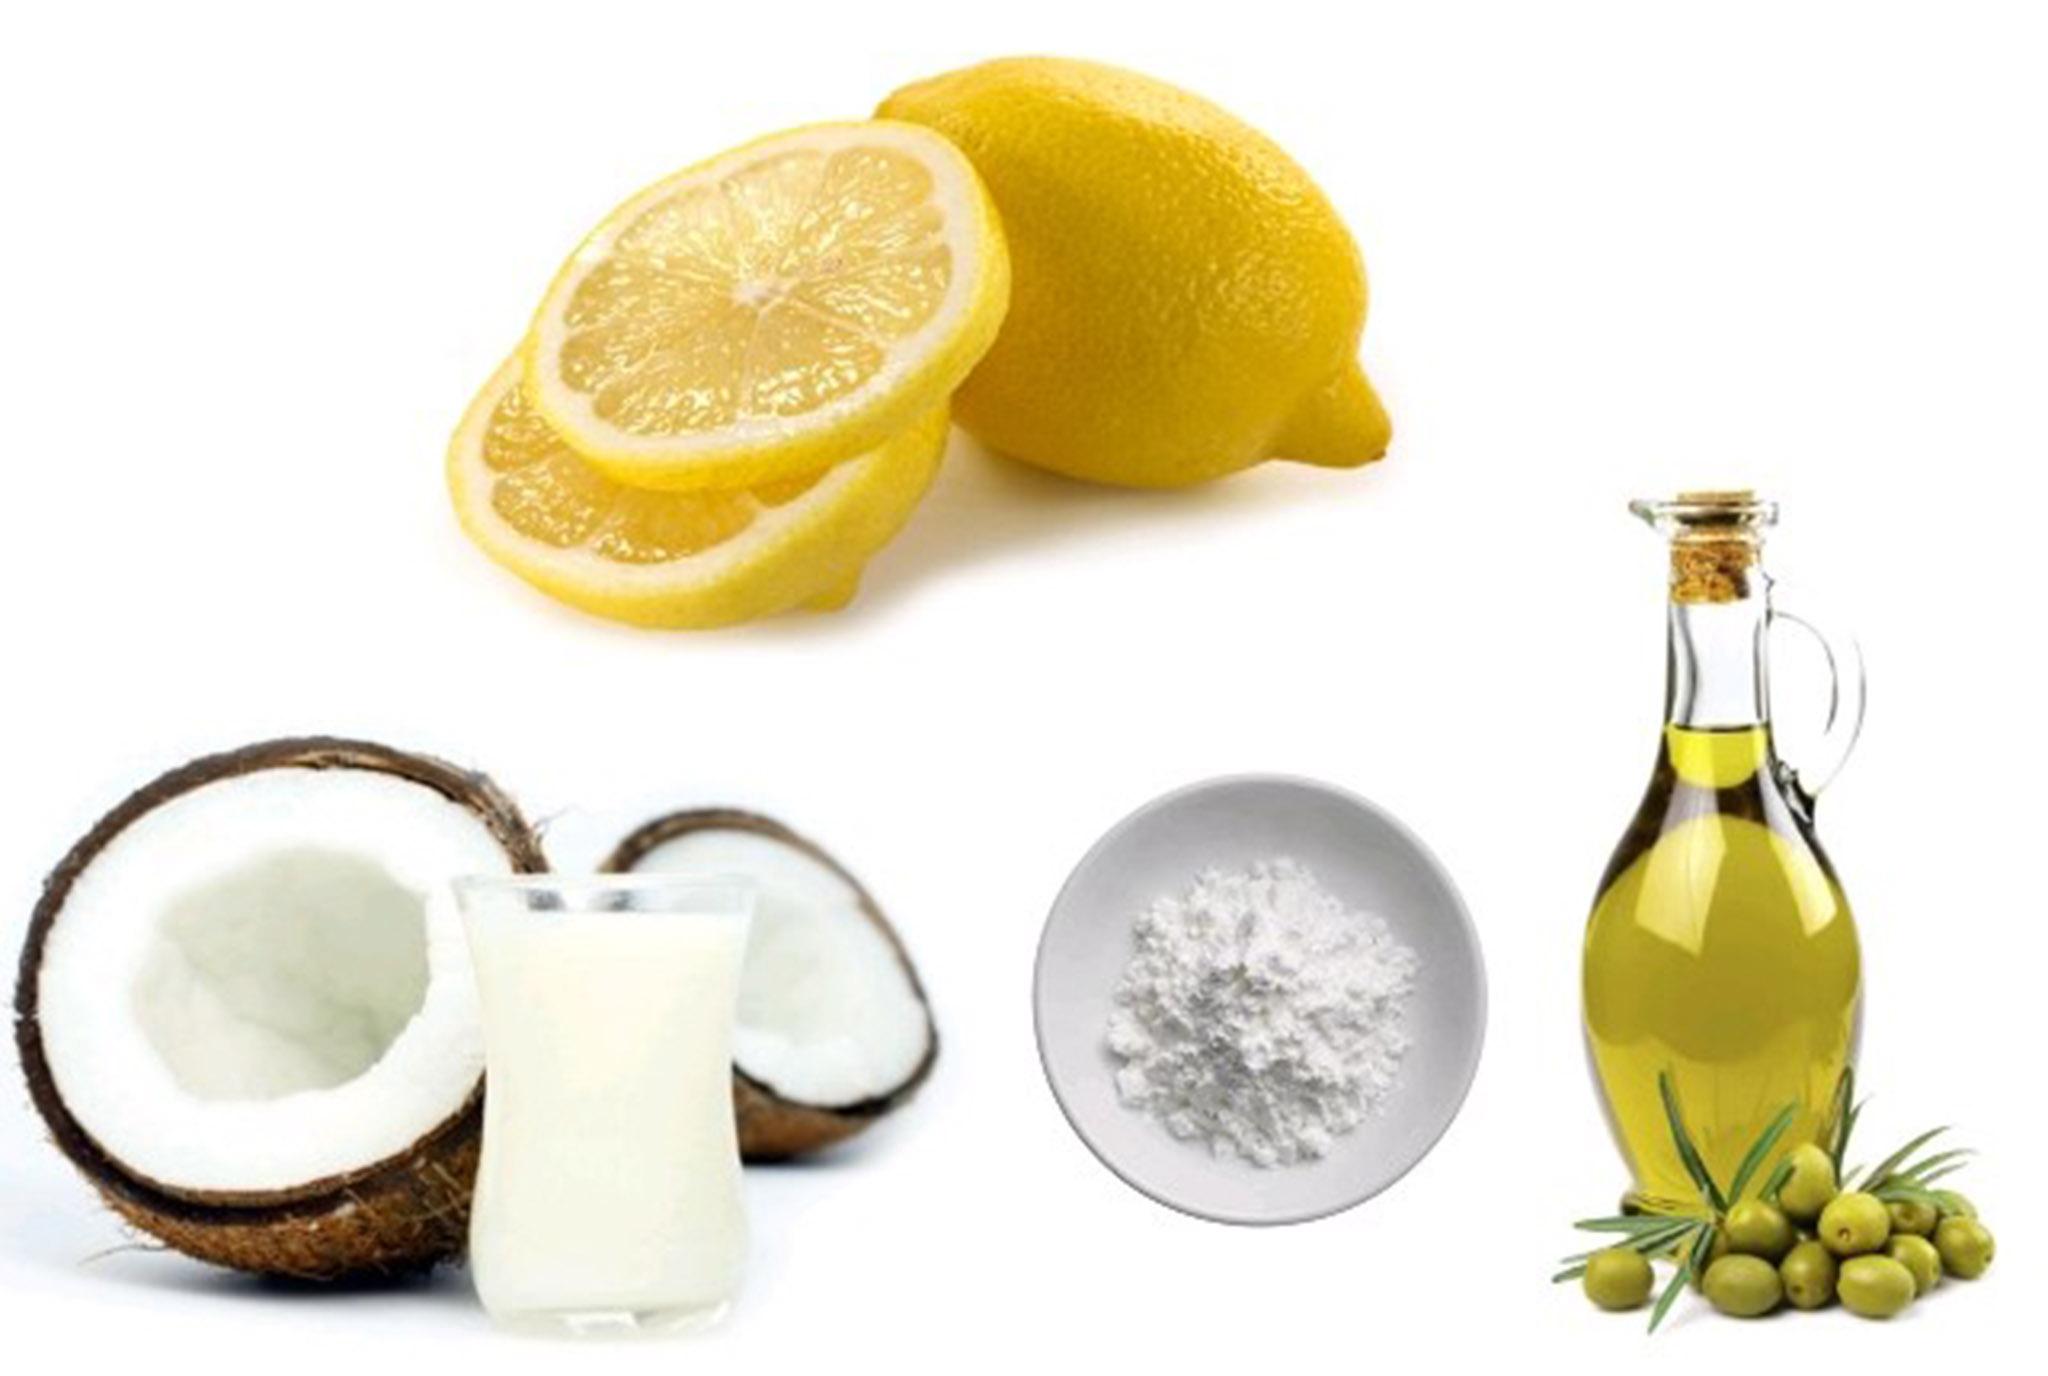 Coconut-Milk-Olive-Oil-Cornstarch-And-Lemon-Juice